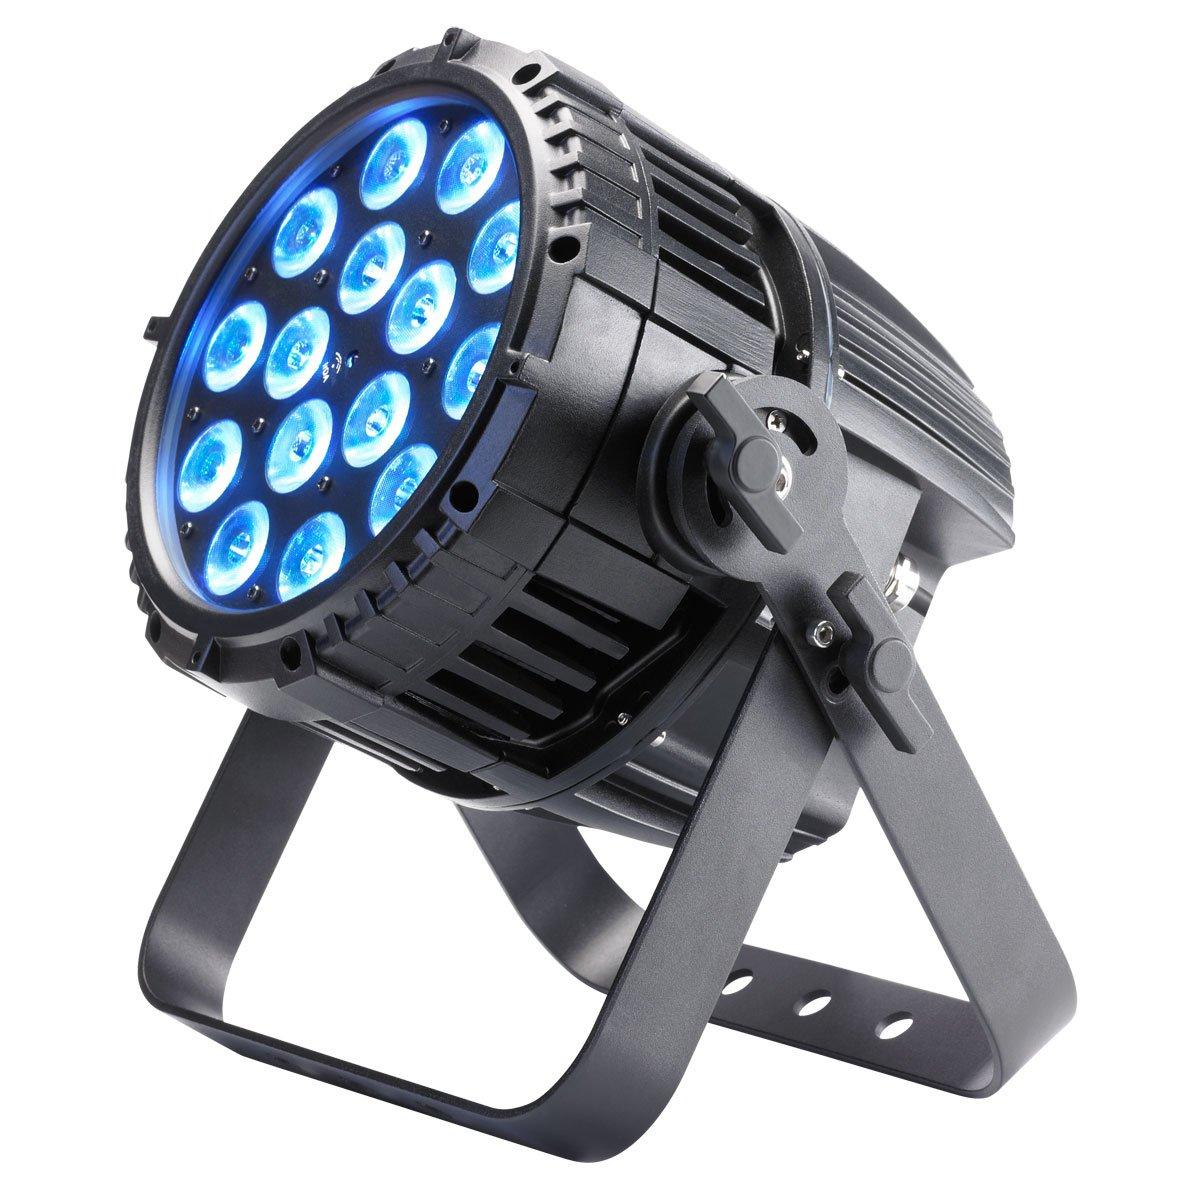 projecteurs d exterieur achetez des projecteurs d exterieur eclairage. Black Bedroom Furniture Sets. Home Design Ideas